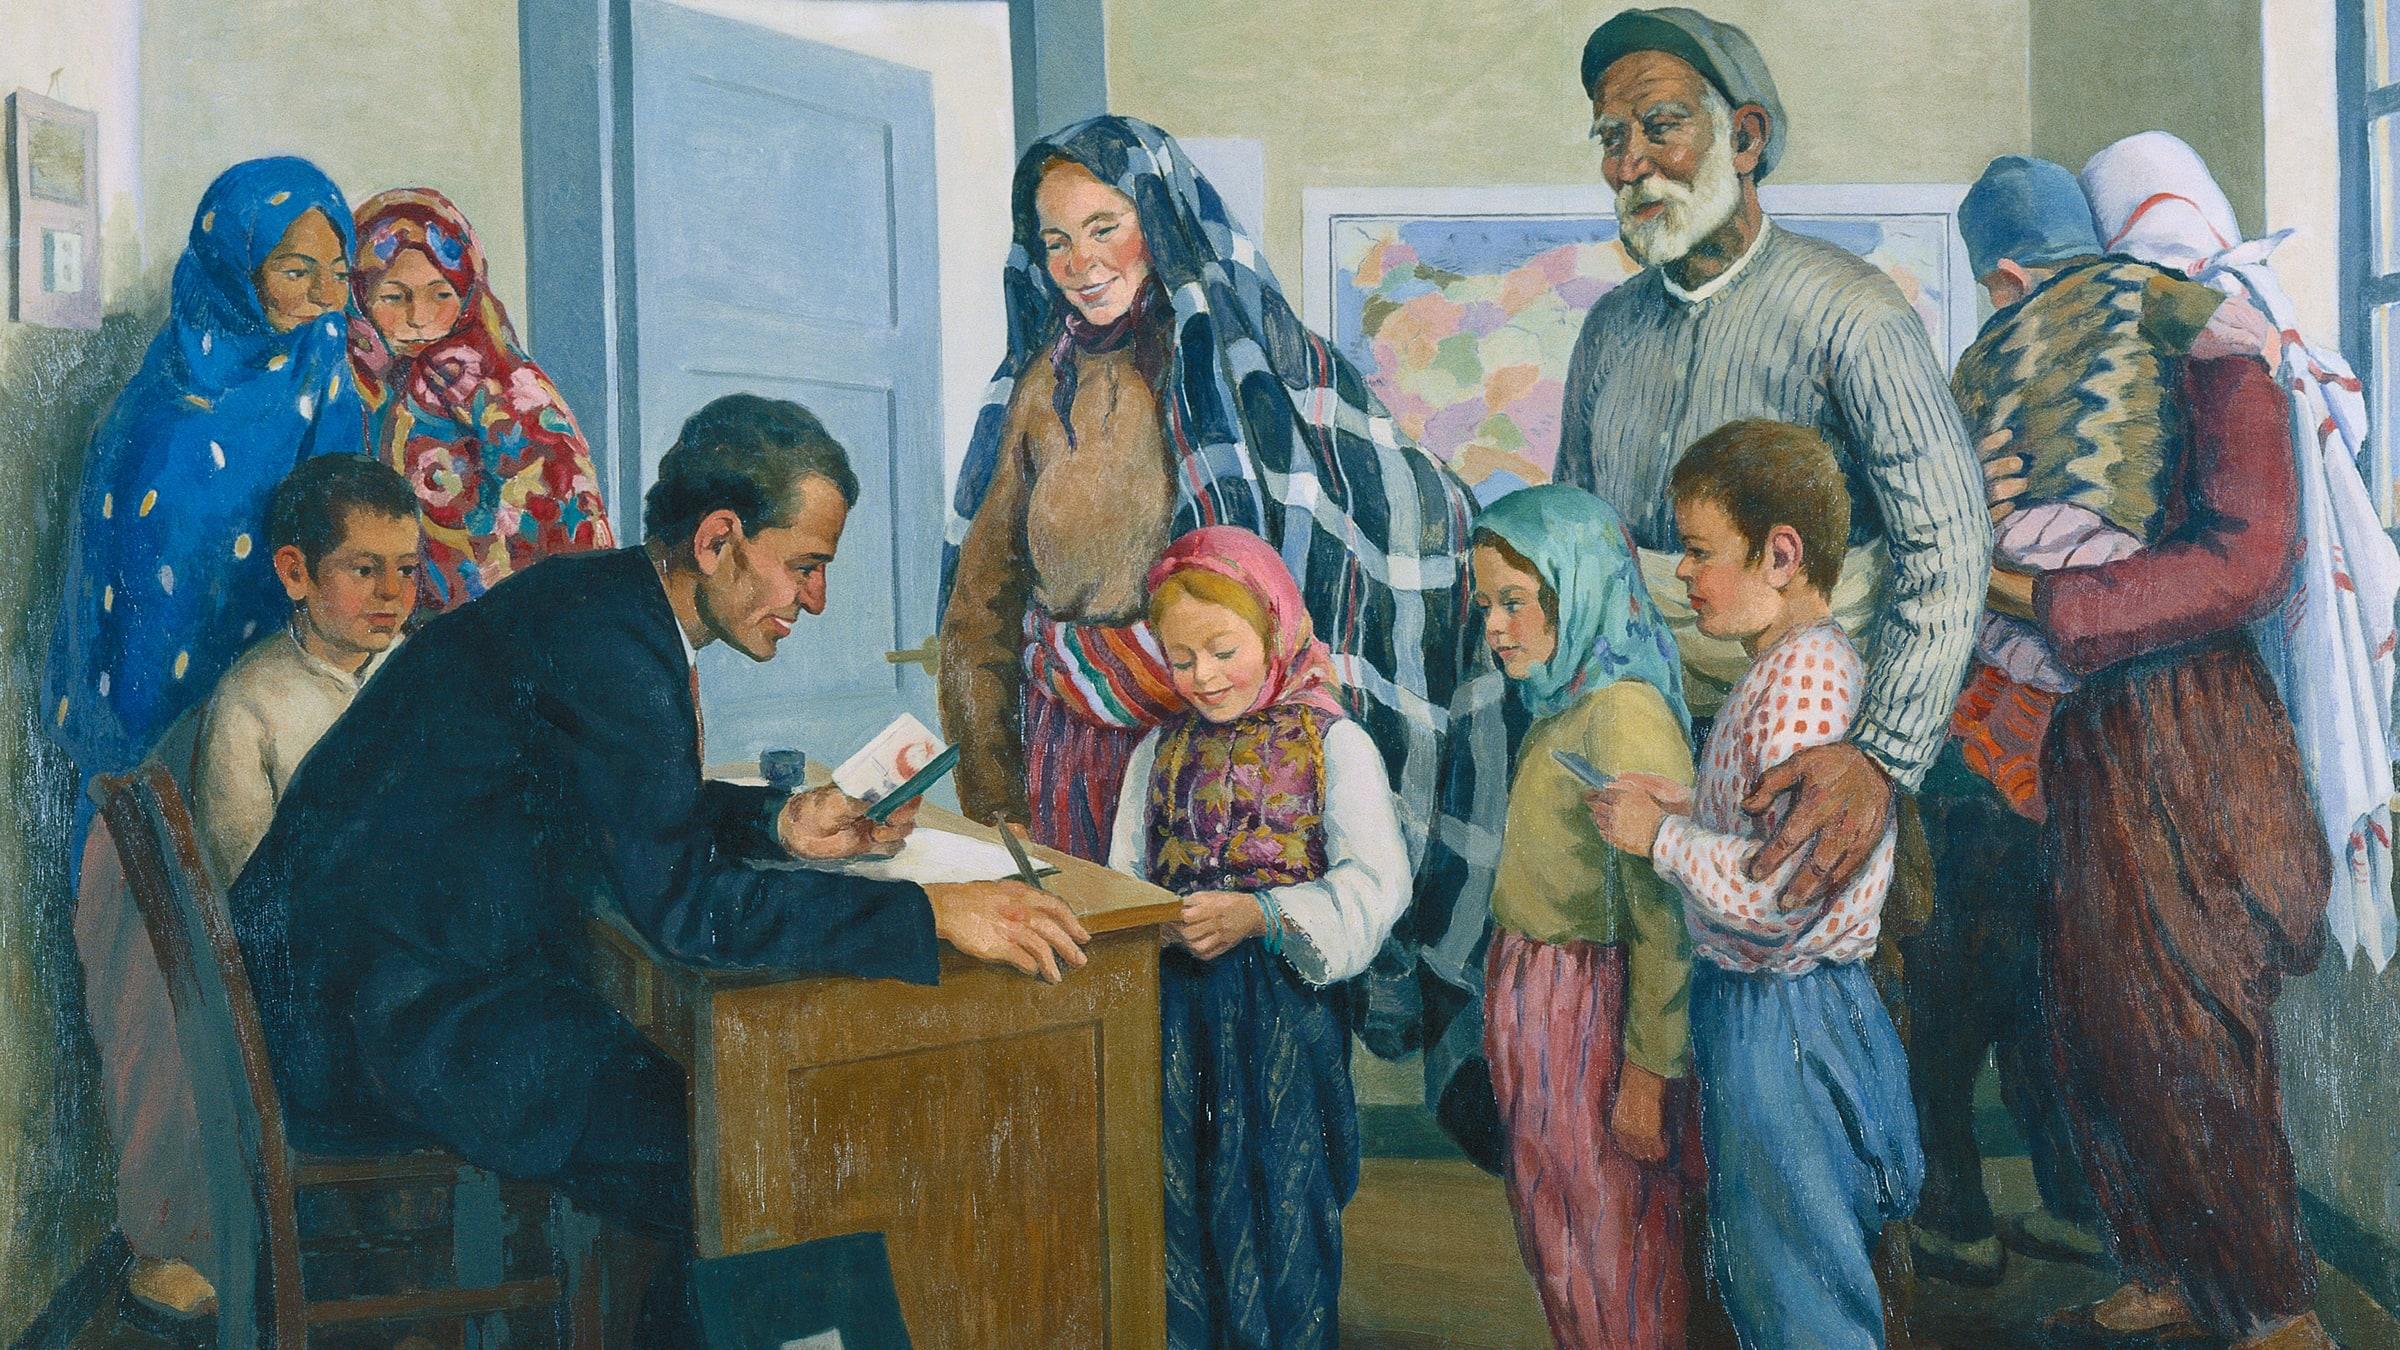 Women Paintings Stories